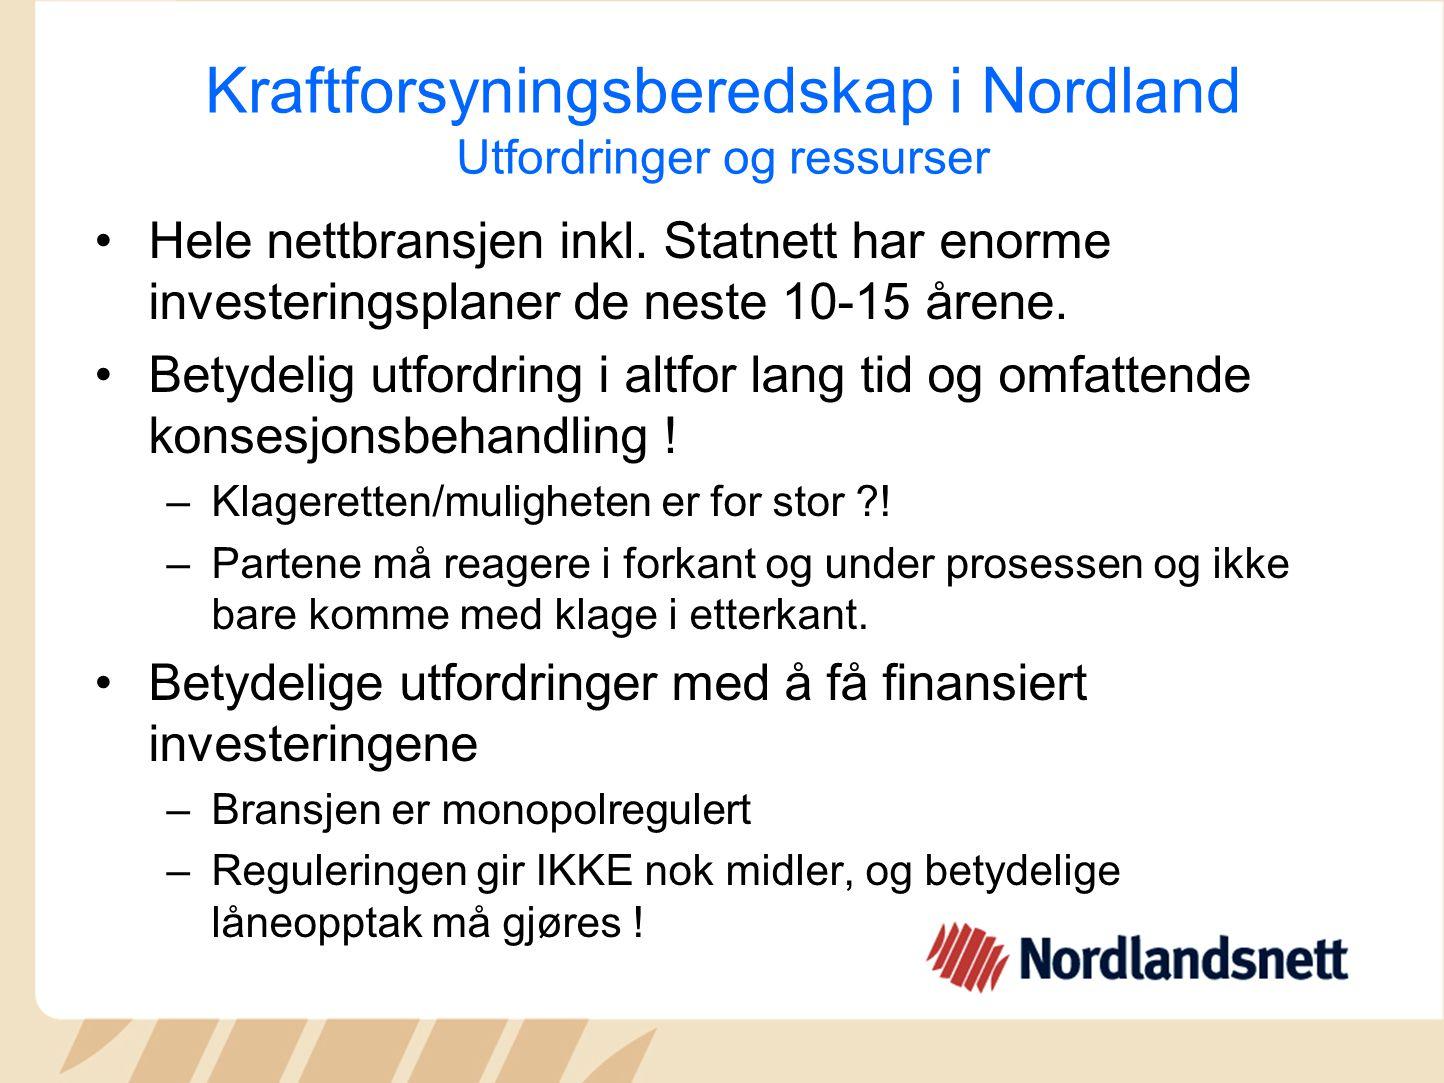 Kraftforsyningsberedskap i Nordland Utfordringer og ressurser Hele nettbransjen inkl. Statnett har enorme investeringsplaner de neste 10-15 årene. Bet